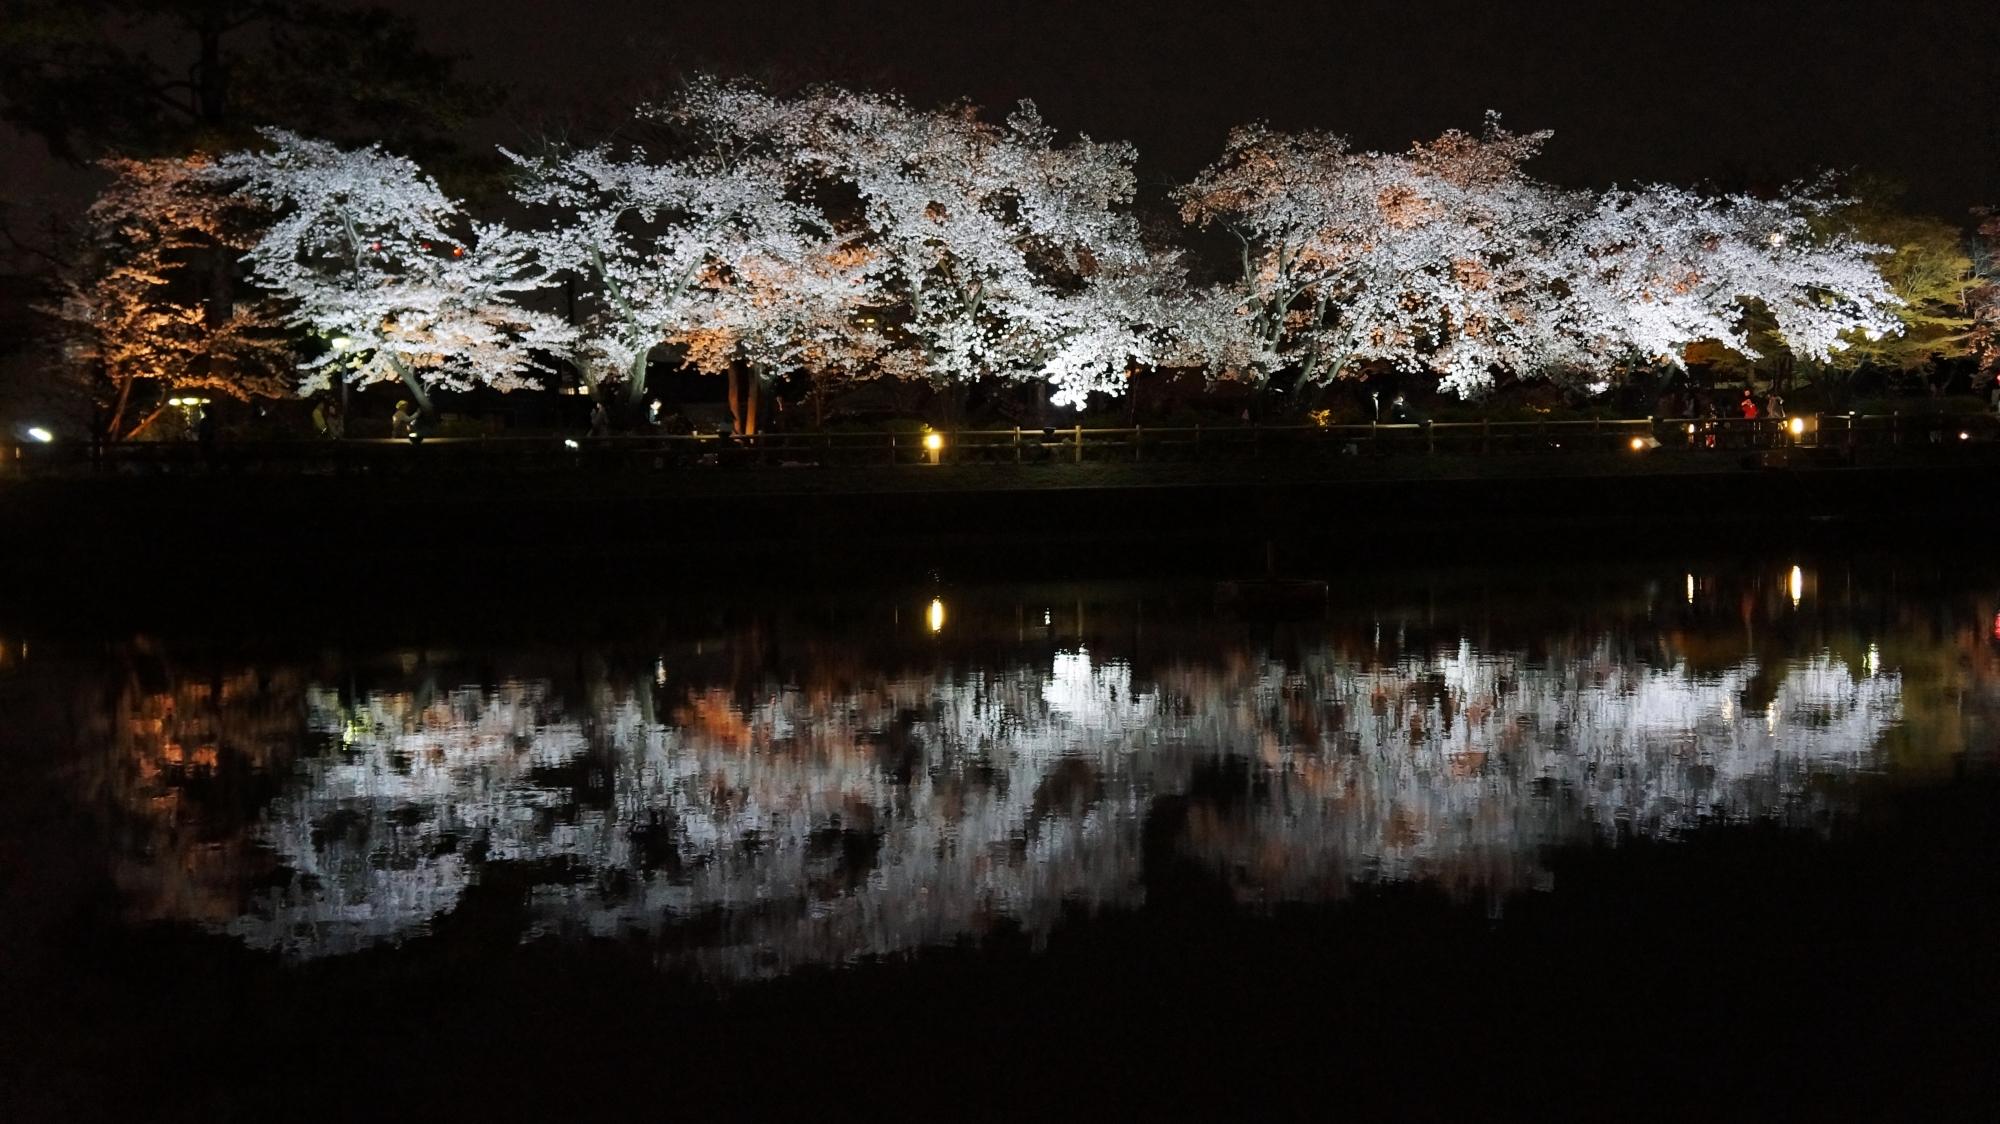 八条が池の綺麗な夜桜の水鏡